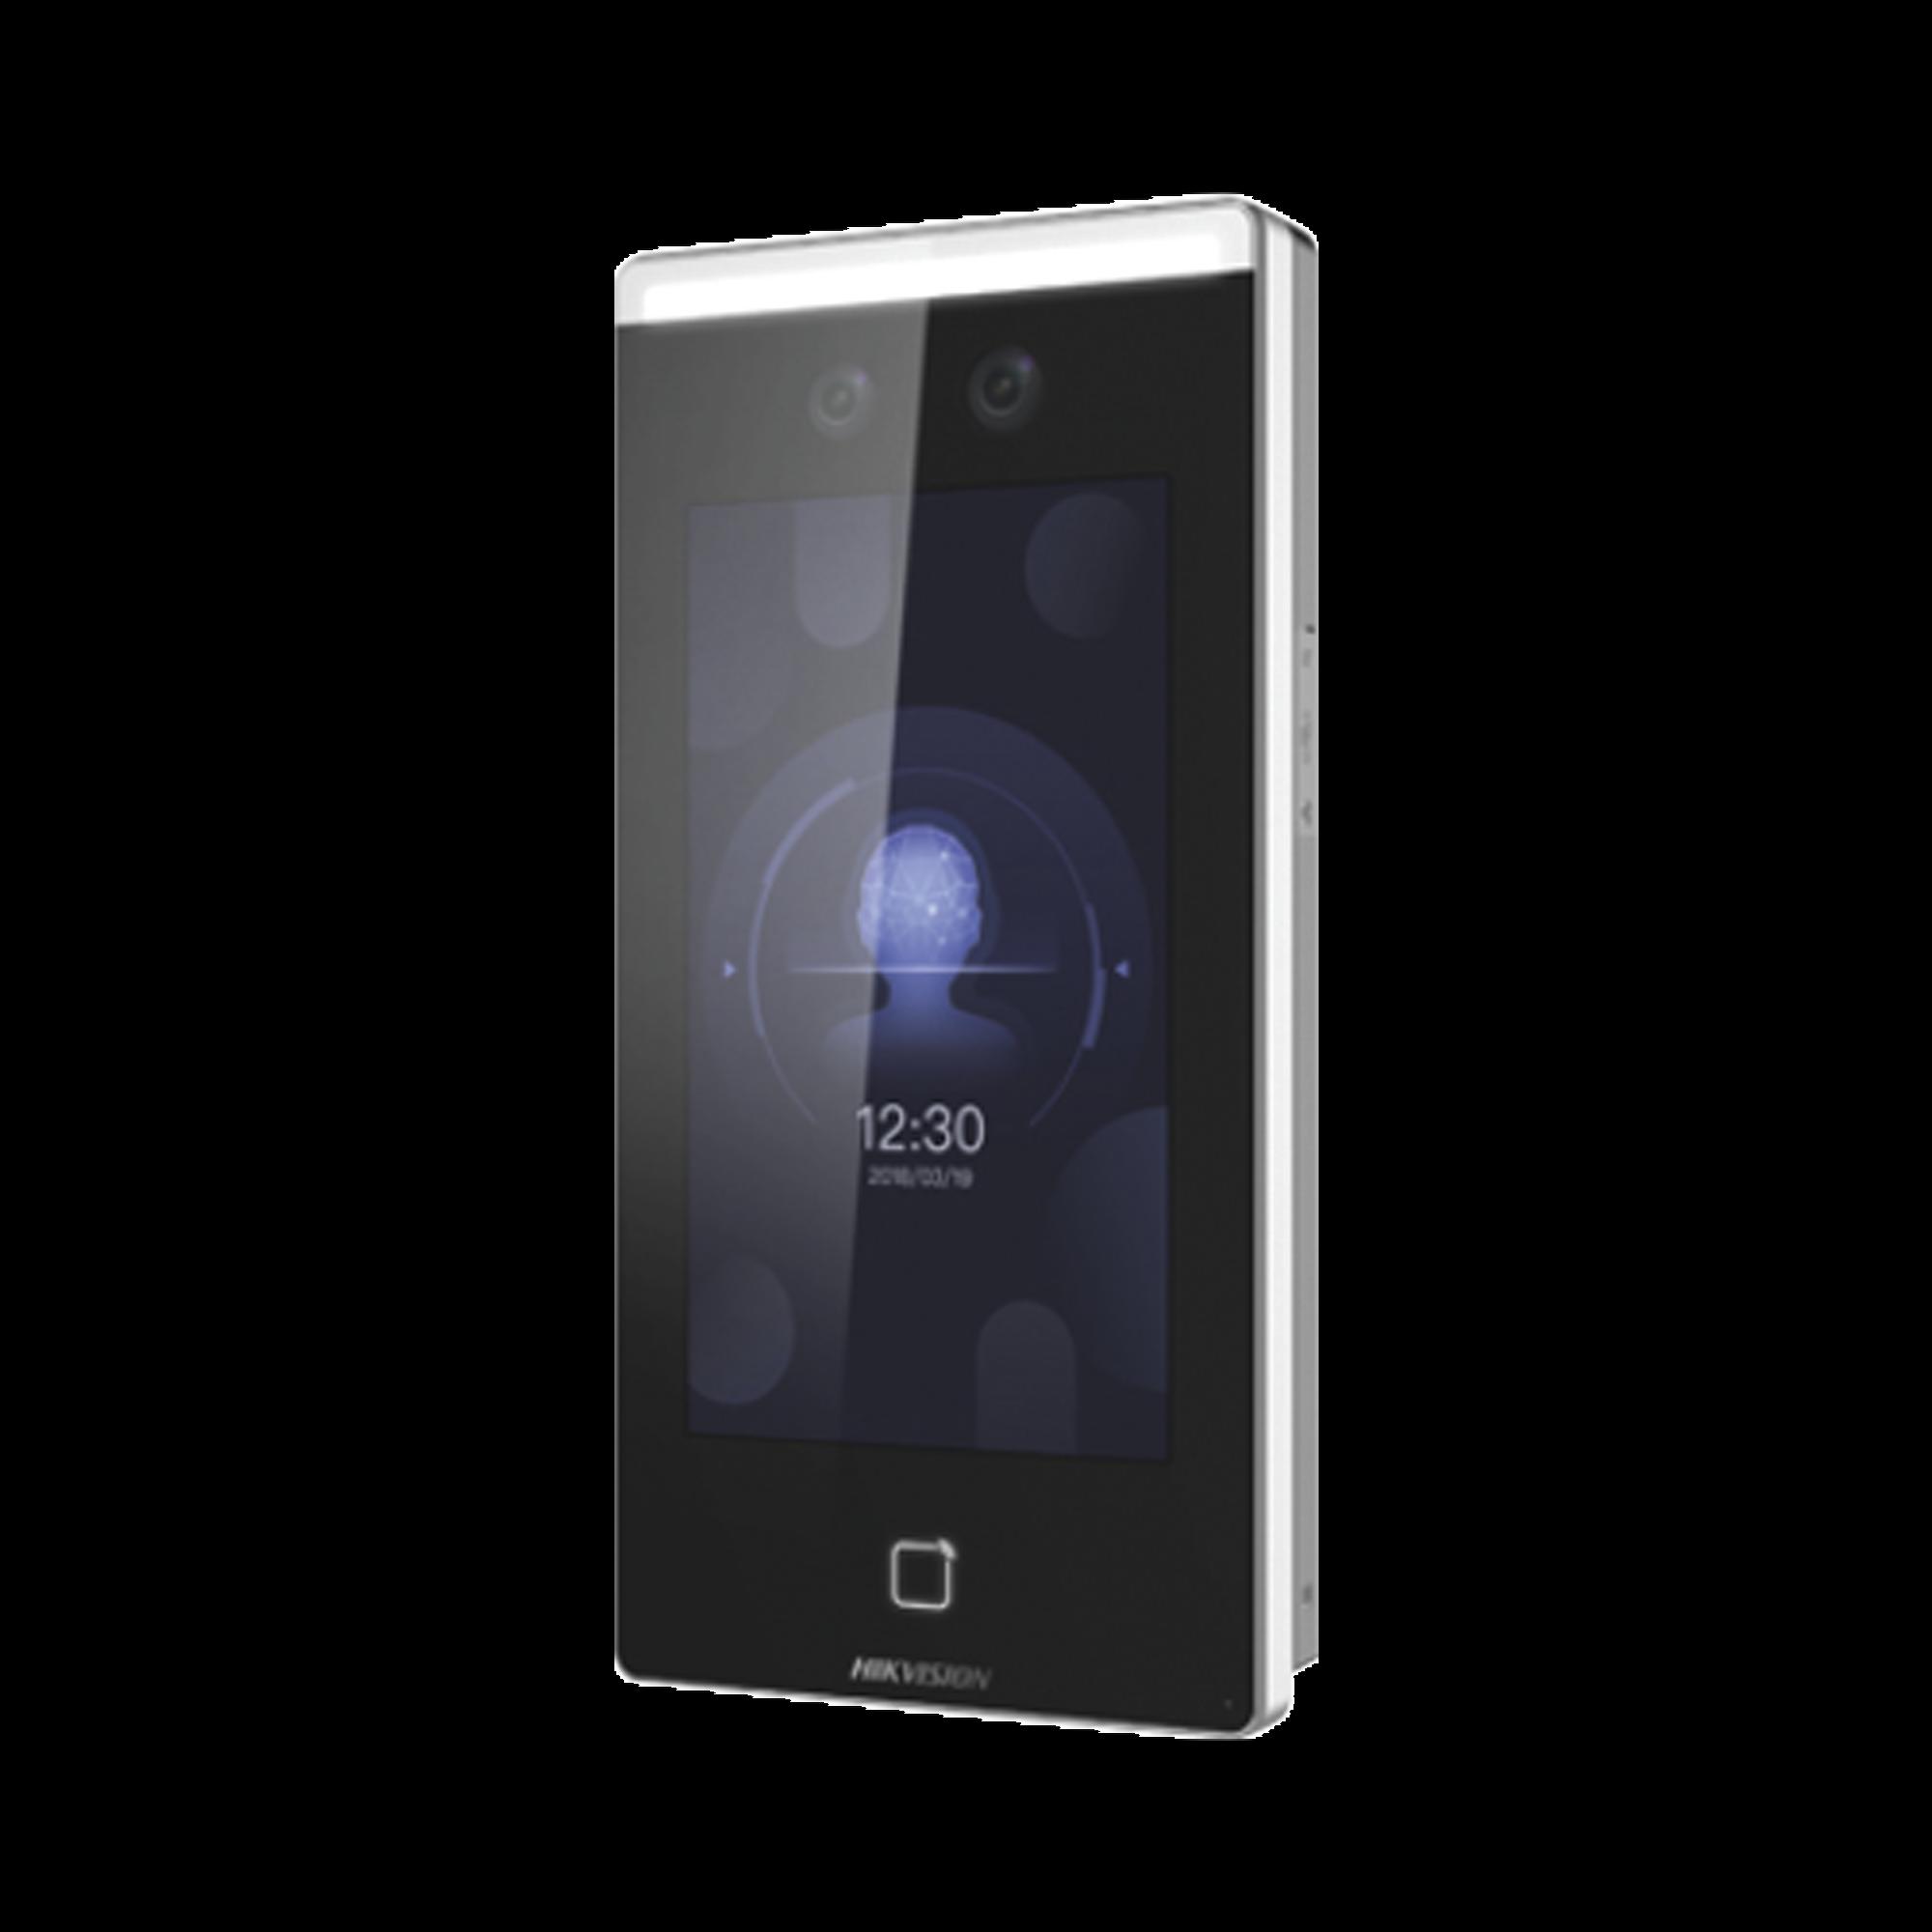 Biometrico Touch Reconocimiento Facial ULTRA Rapido con funcion de Videoportero  / Lectura de Codigos QR / Alta tecnologia Deep Learning  / Camara 2 MP compatible con NVRs y DVRs HIKVISION y EPCOM / Acceso + Repor